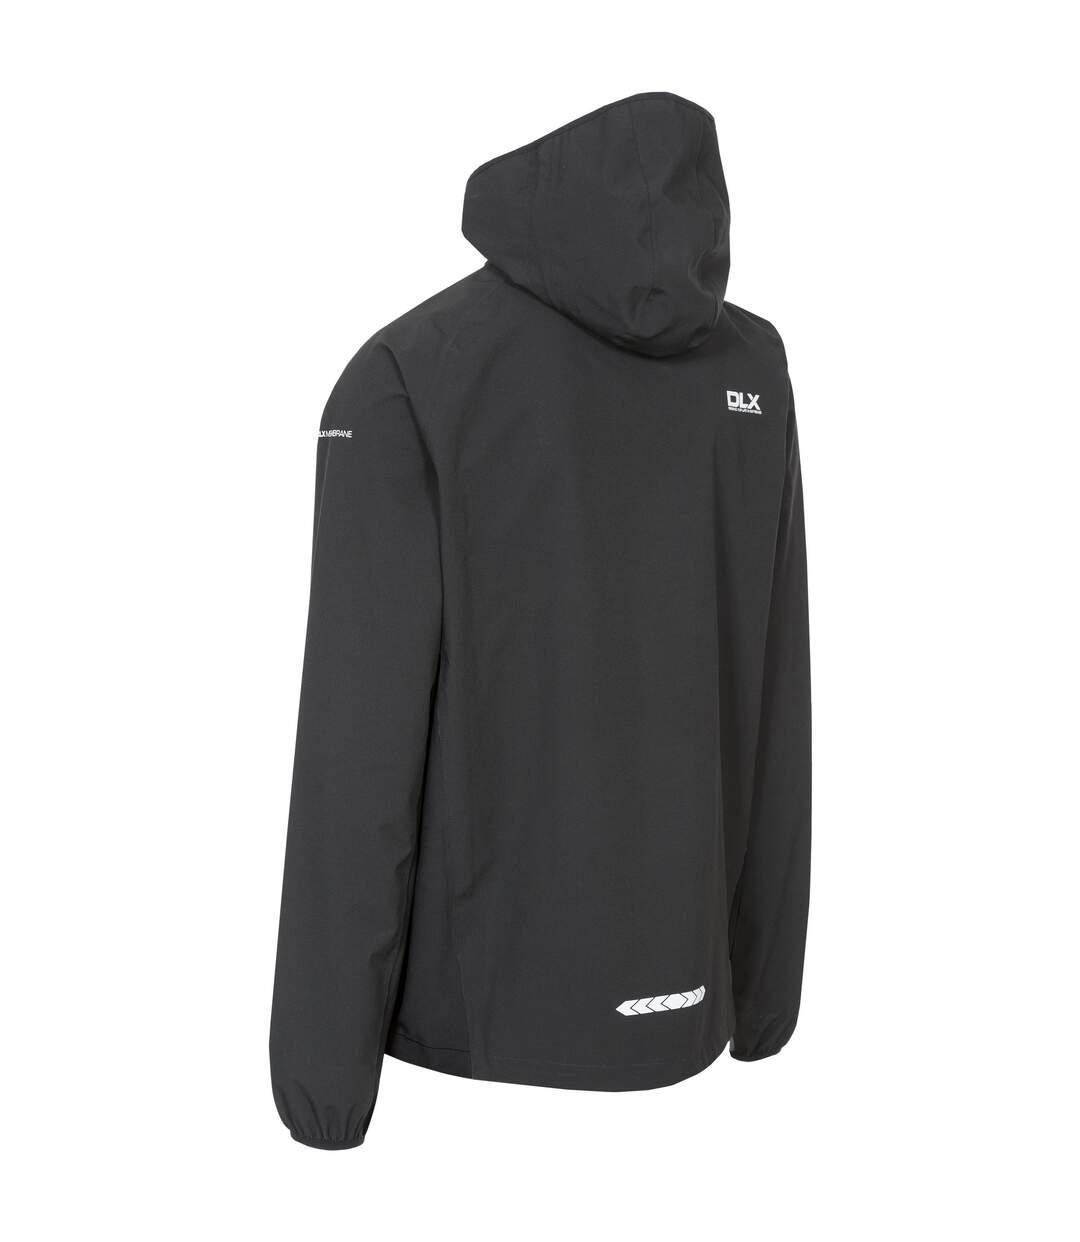 Trespass Mens Hawkings Waterproof Packaway Jacket (Black) - UTTP3971